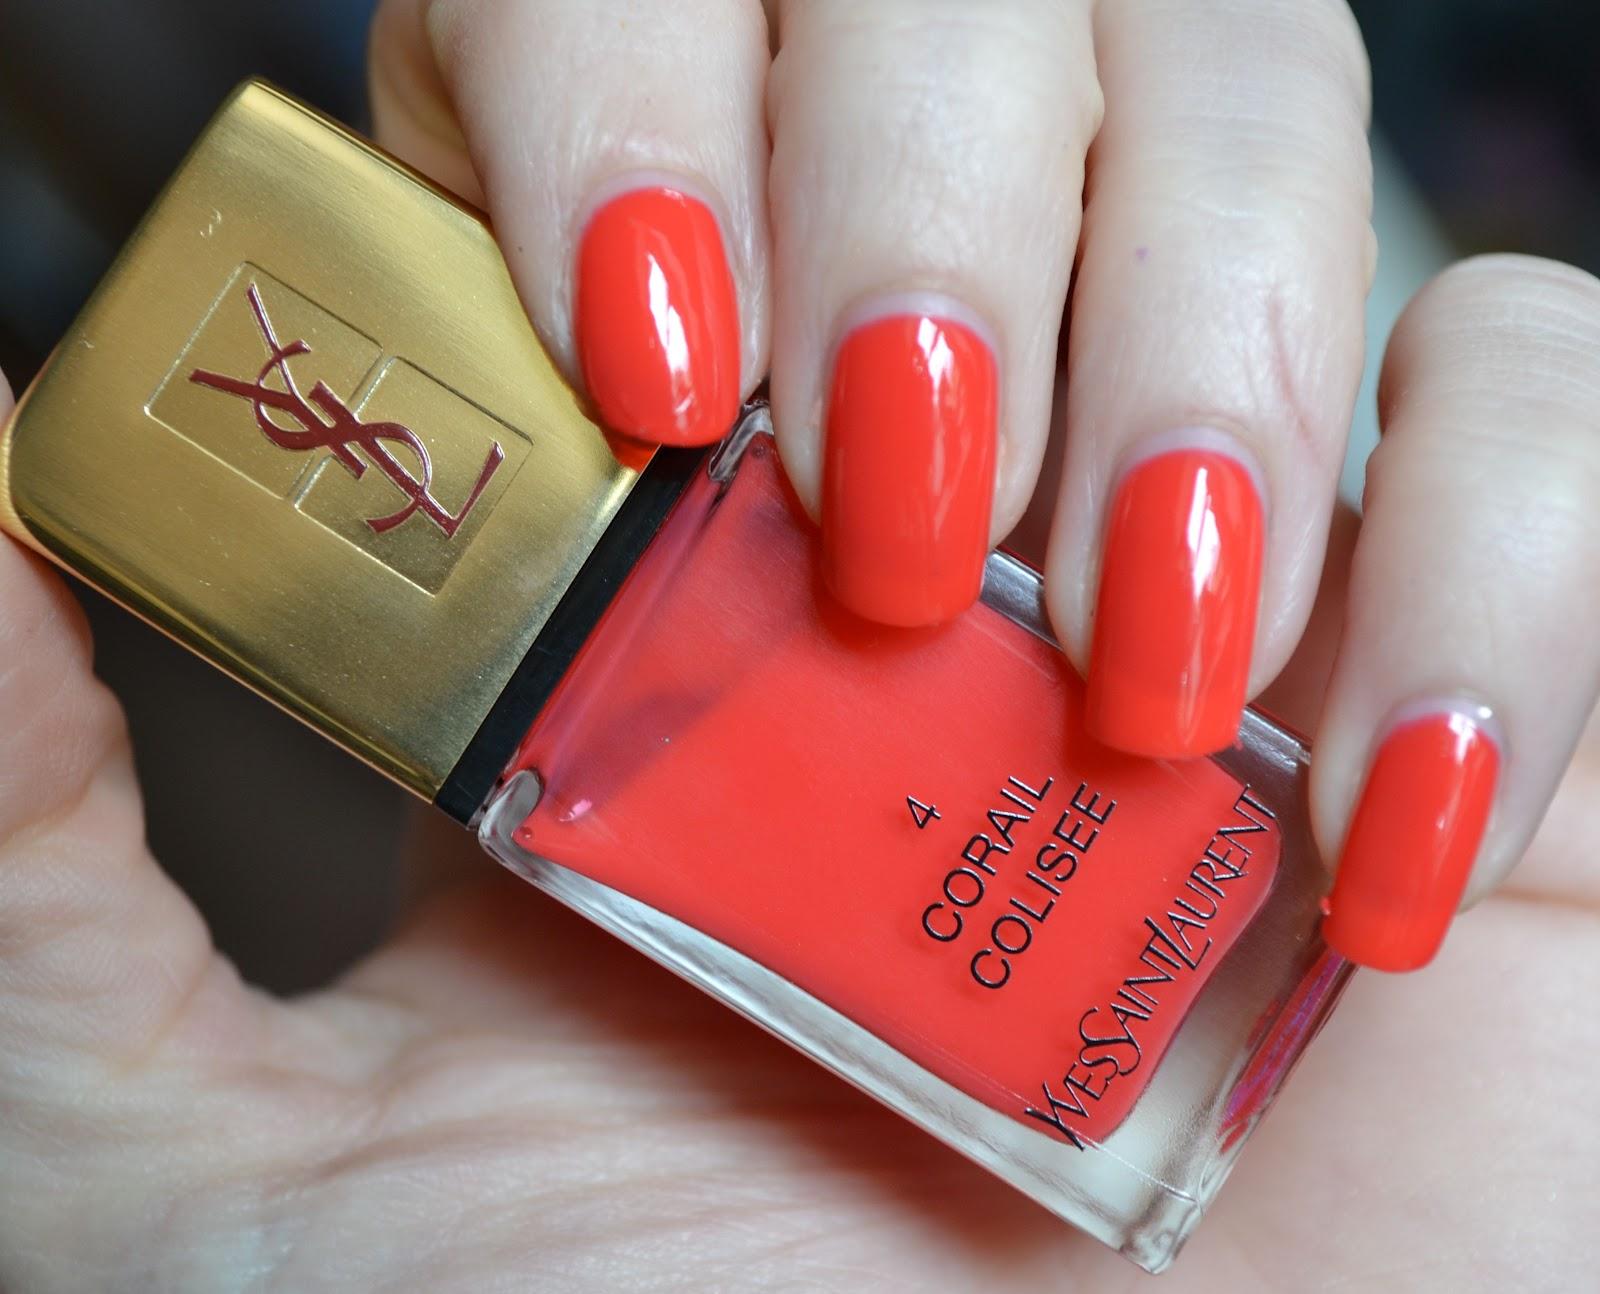 Специалисты бренда производят лаки для ногтей с глянцевым и мерцающим покрытием, а также с металлическим и голографическим эффектом.